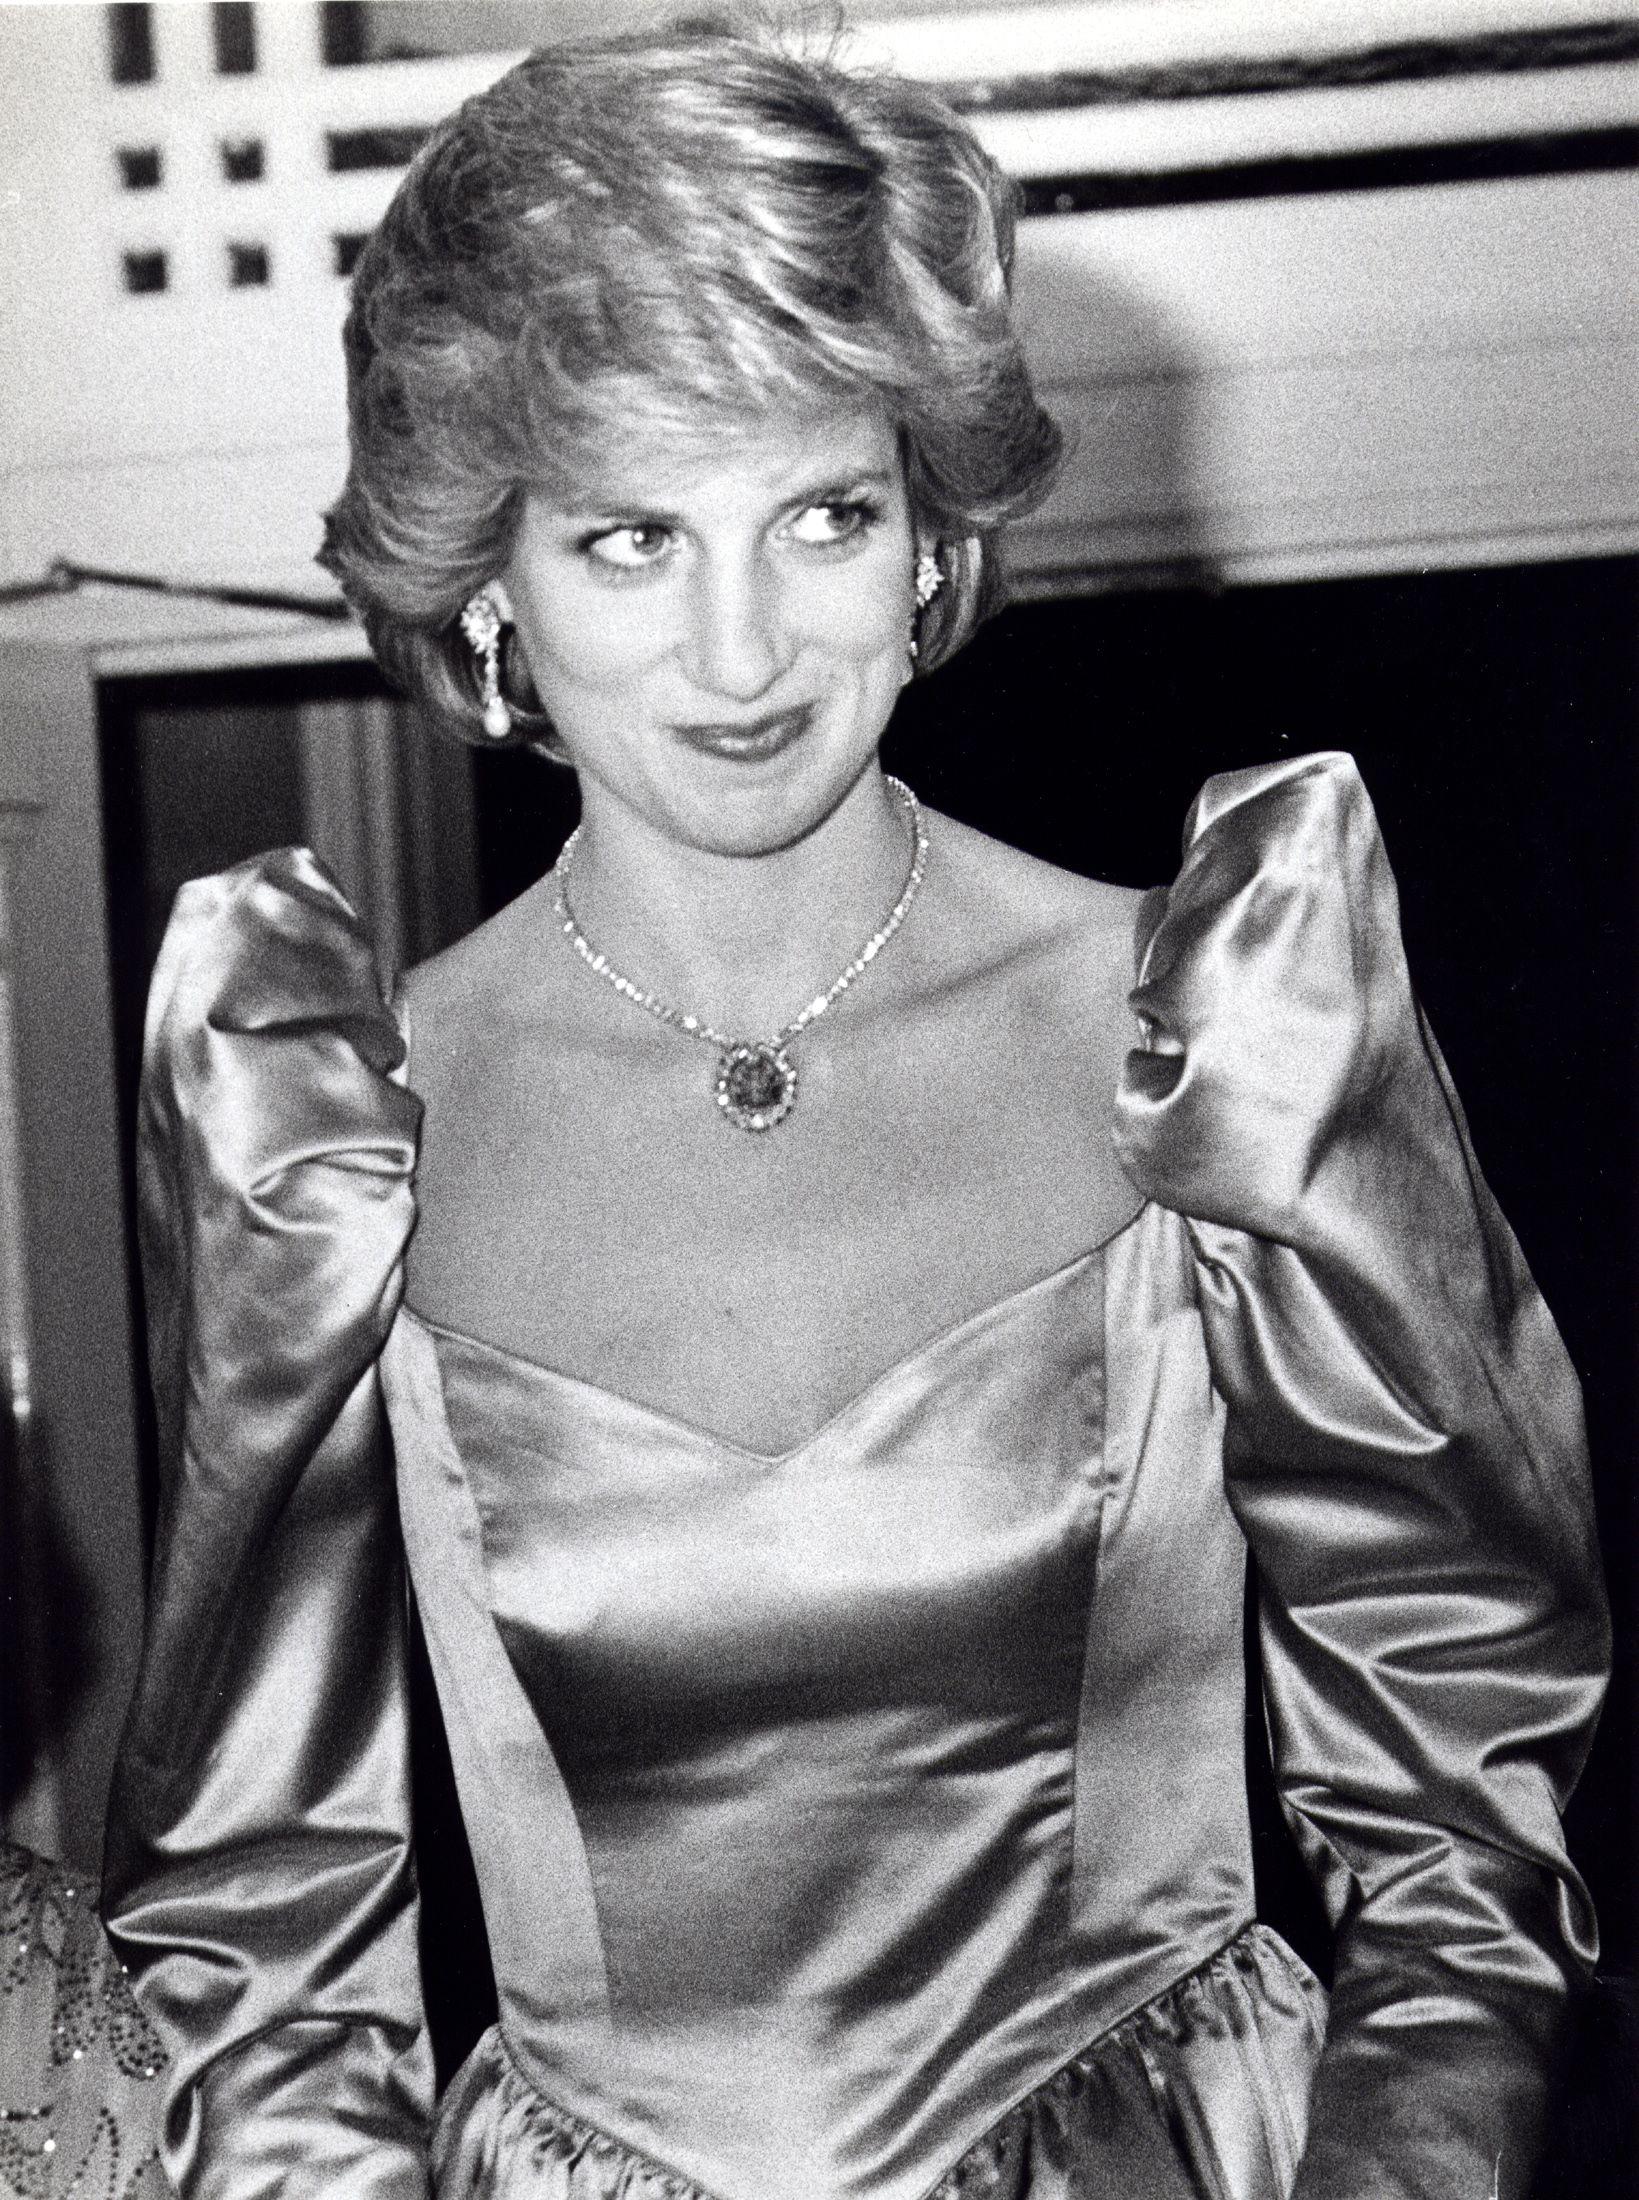 6 - Remembering Princess Diana